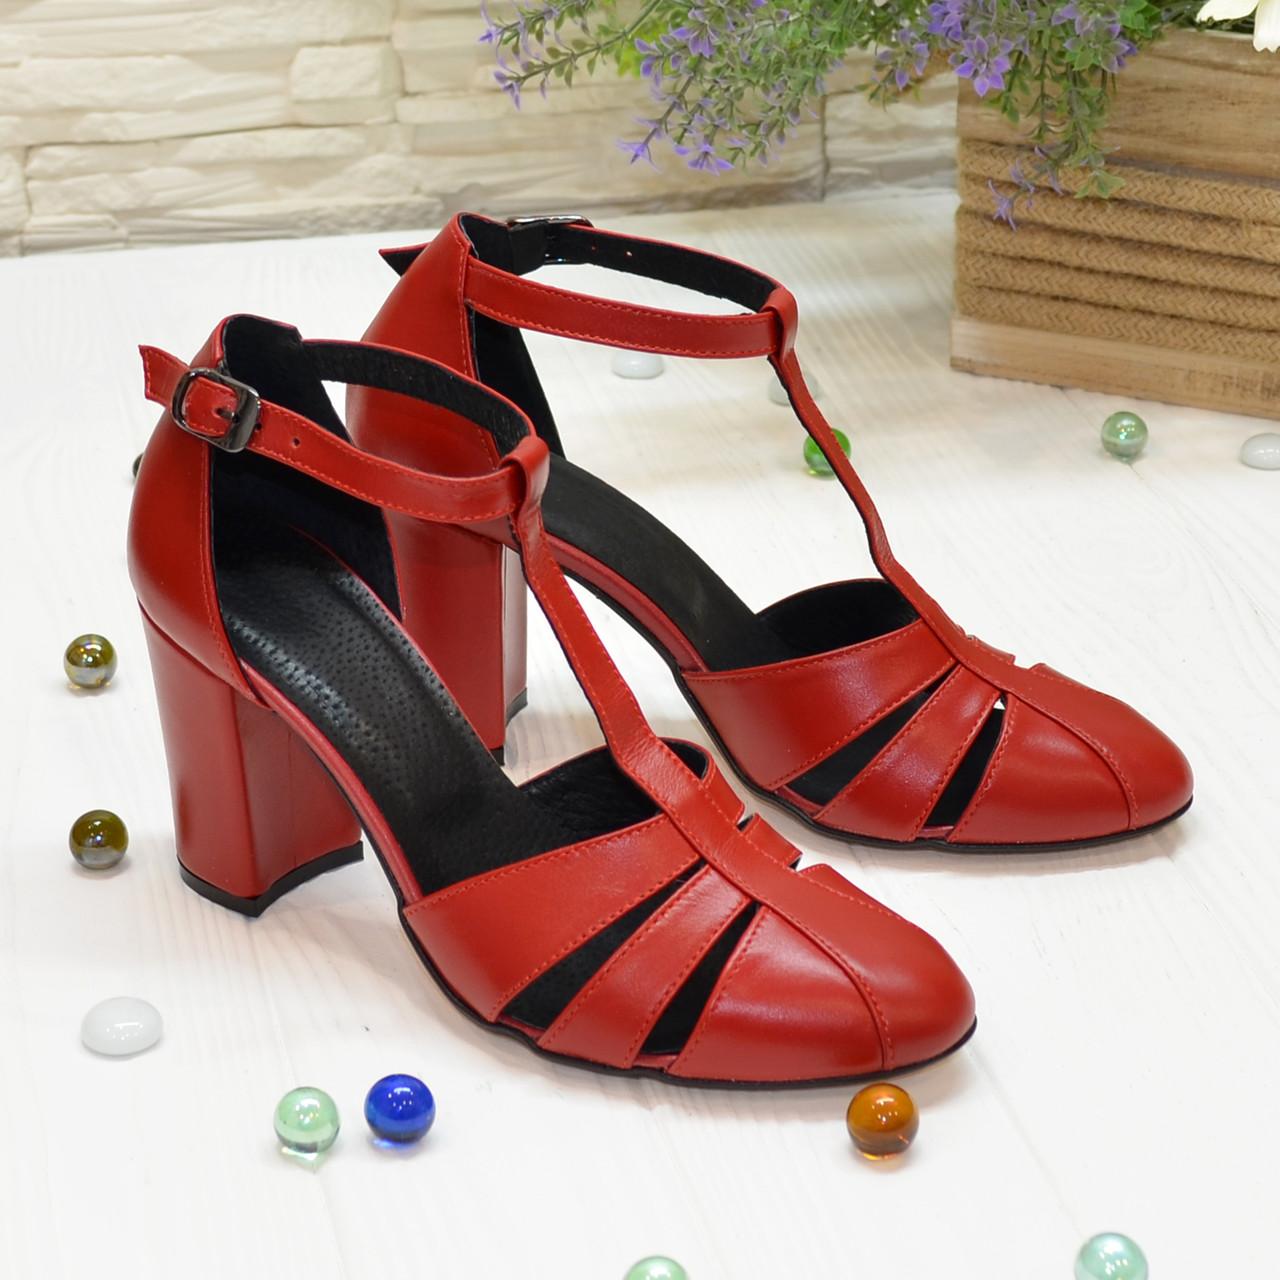 Босоножки женские красные кожаные на высоком устойчивом каблуке